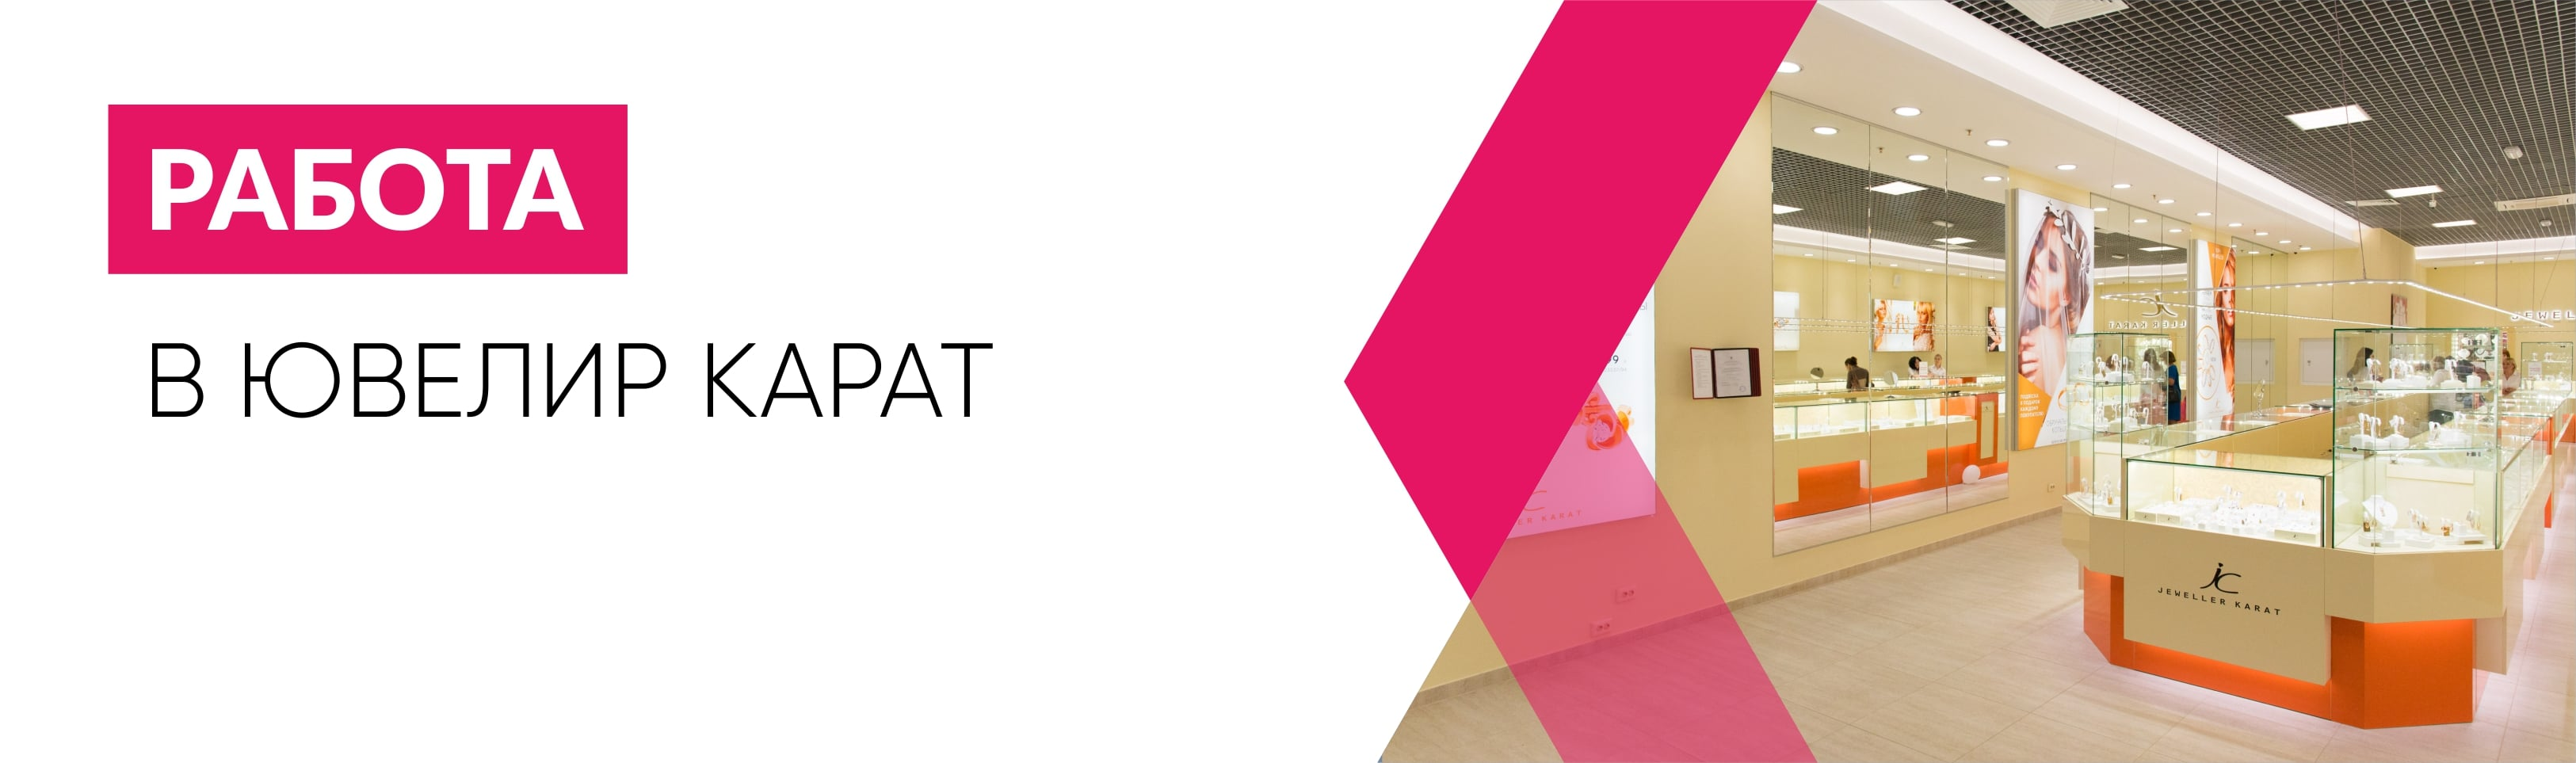 «Ювелир Карат» — это сеть фирменных салонов ведущего ювелирного завода в  Санкт-Петербурге. 18 лет мы производим и продаём изысканные ювелирные  украшения и ... d22eeea1e52